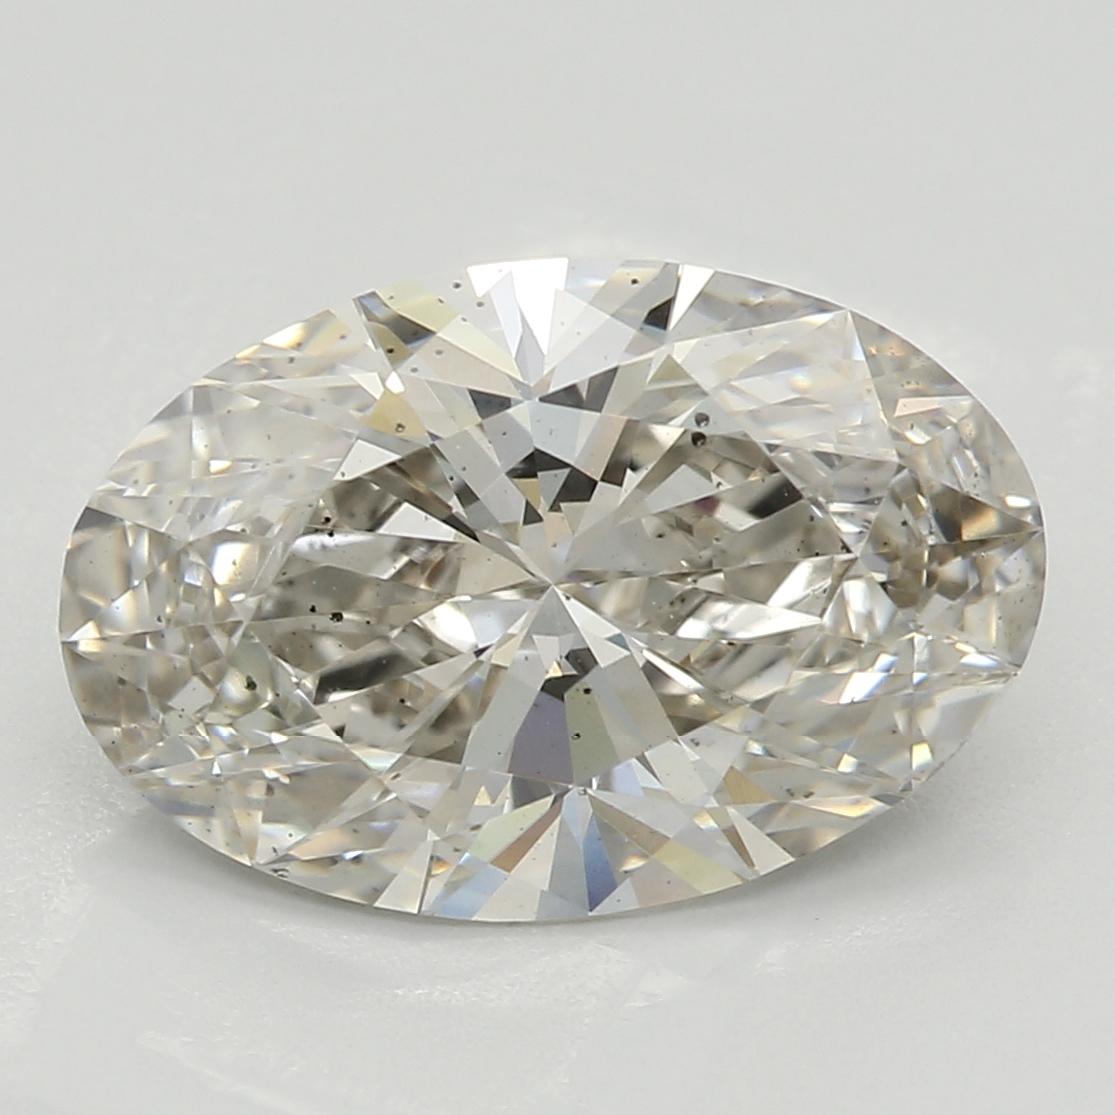 2.51 Carat J-SI1 Ideal Oval Diamond